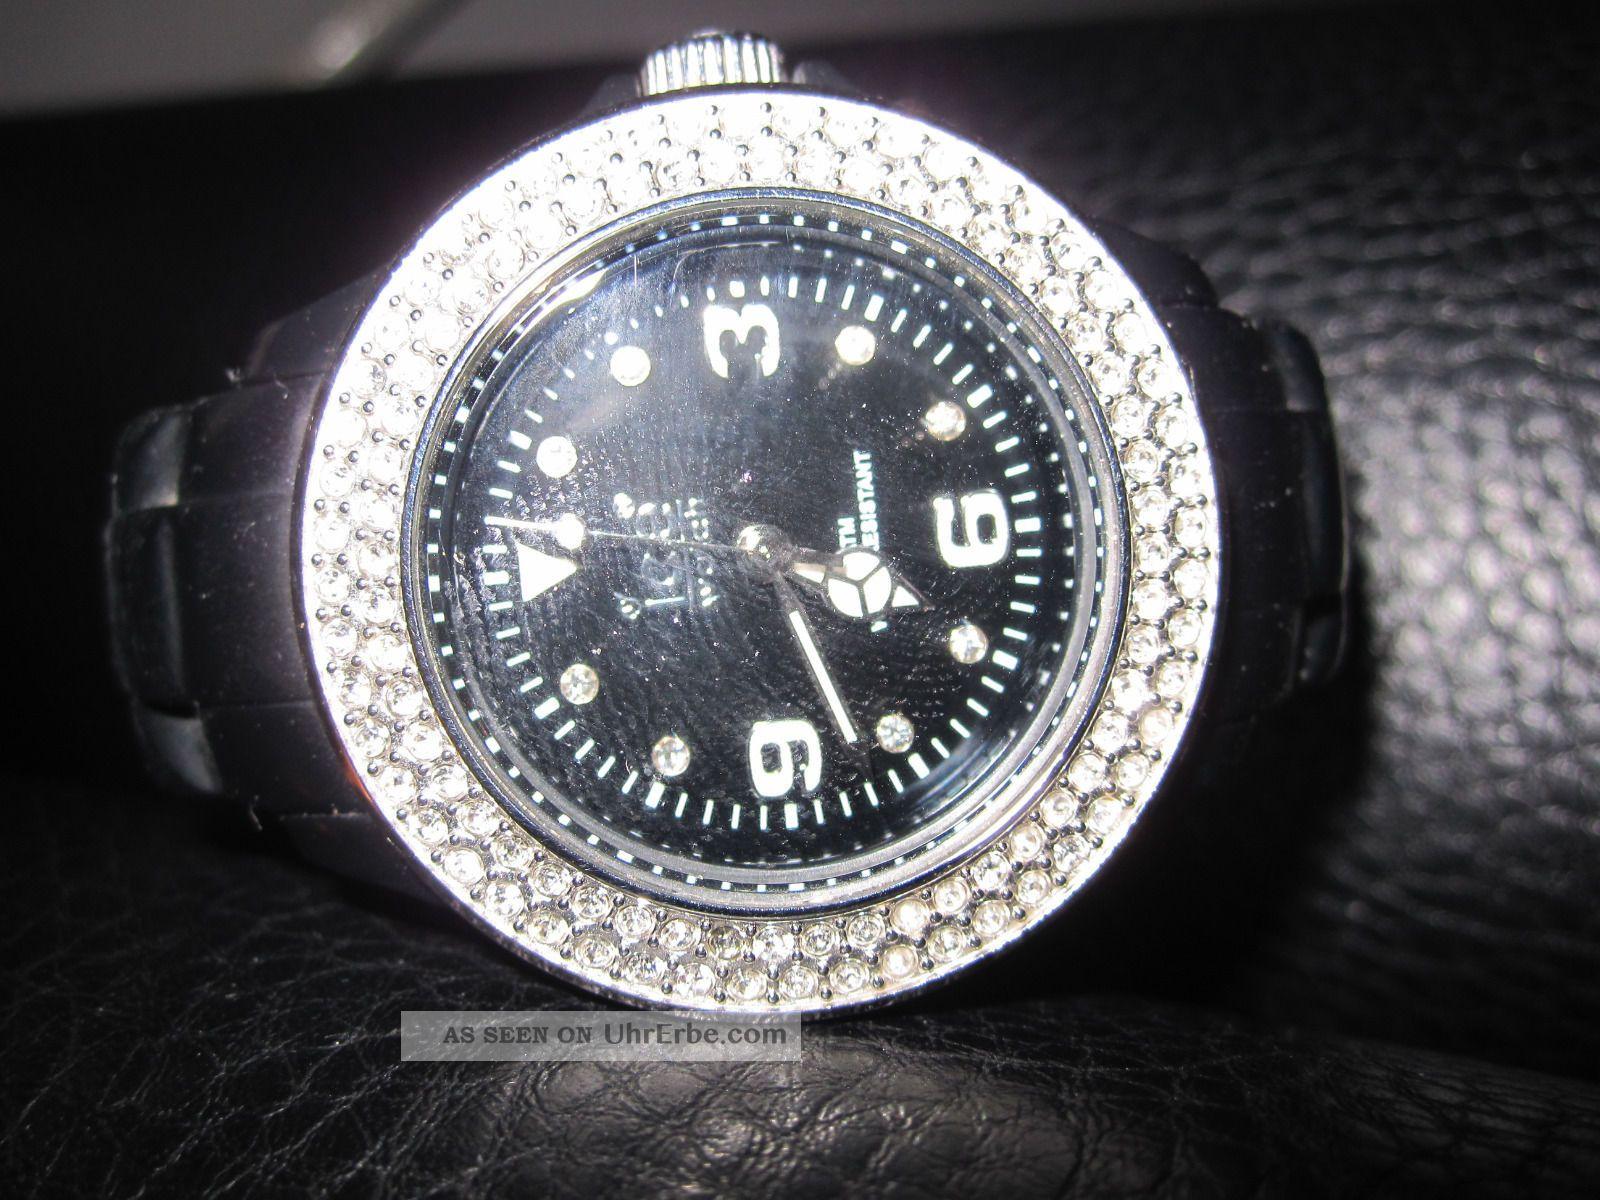 Ice Watch Schwarz Mit Zirkonia Steinchen Armbanduhren Bild